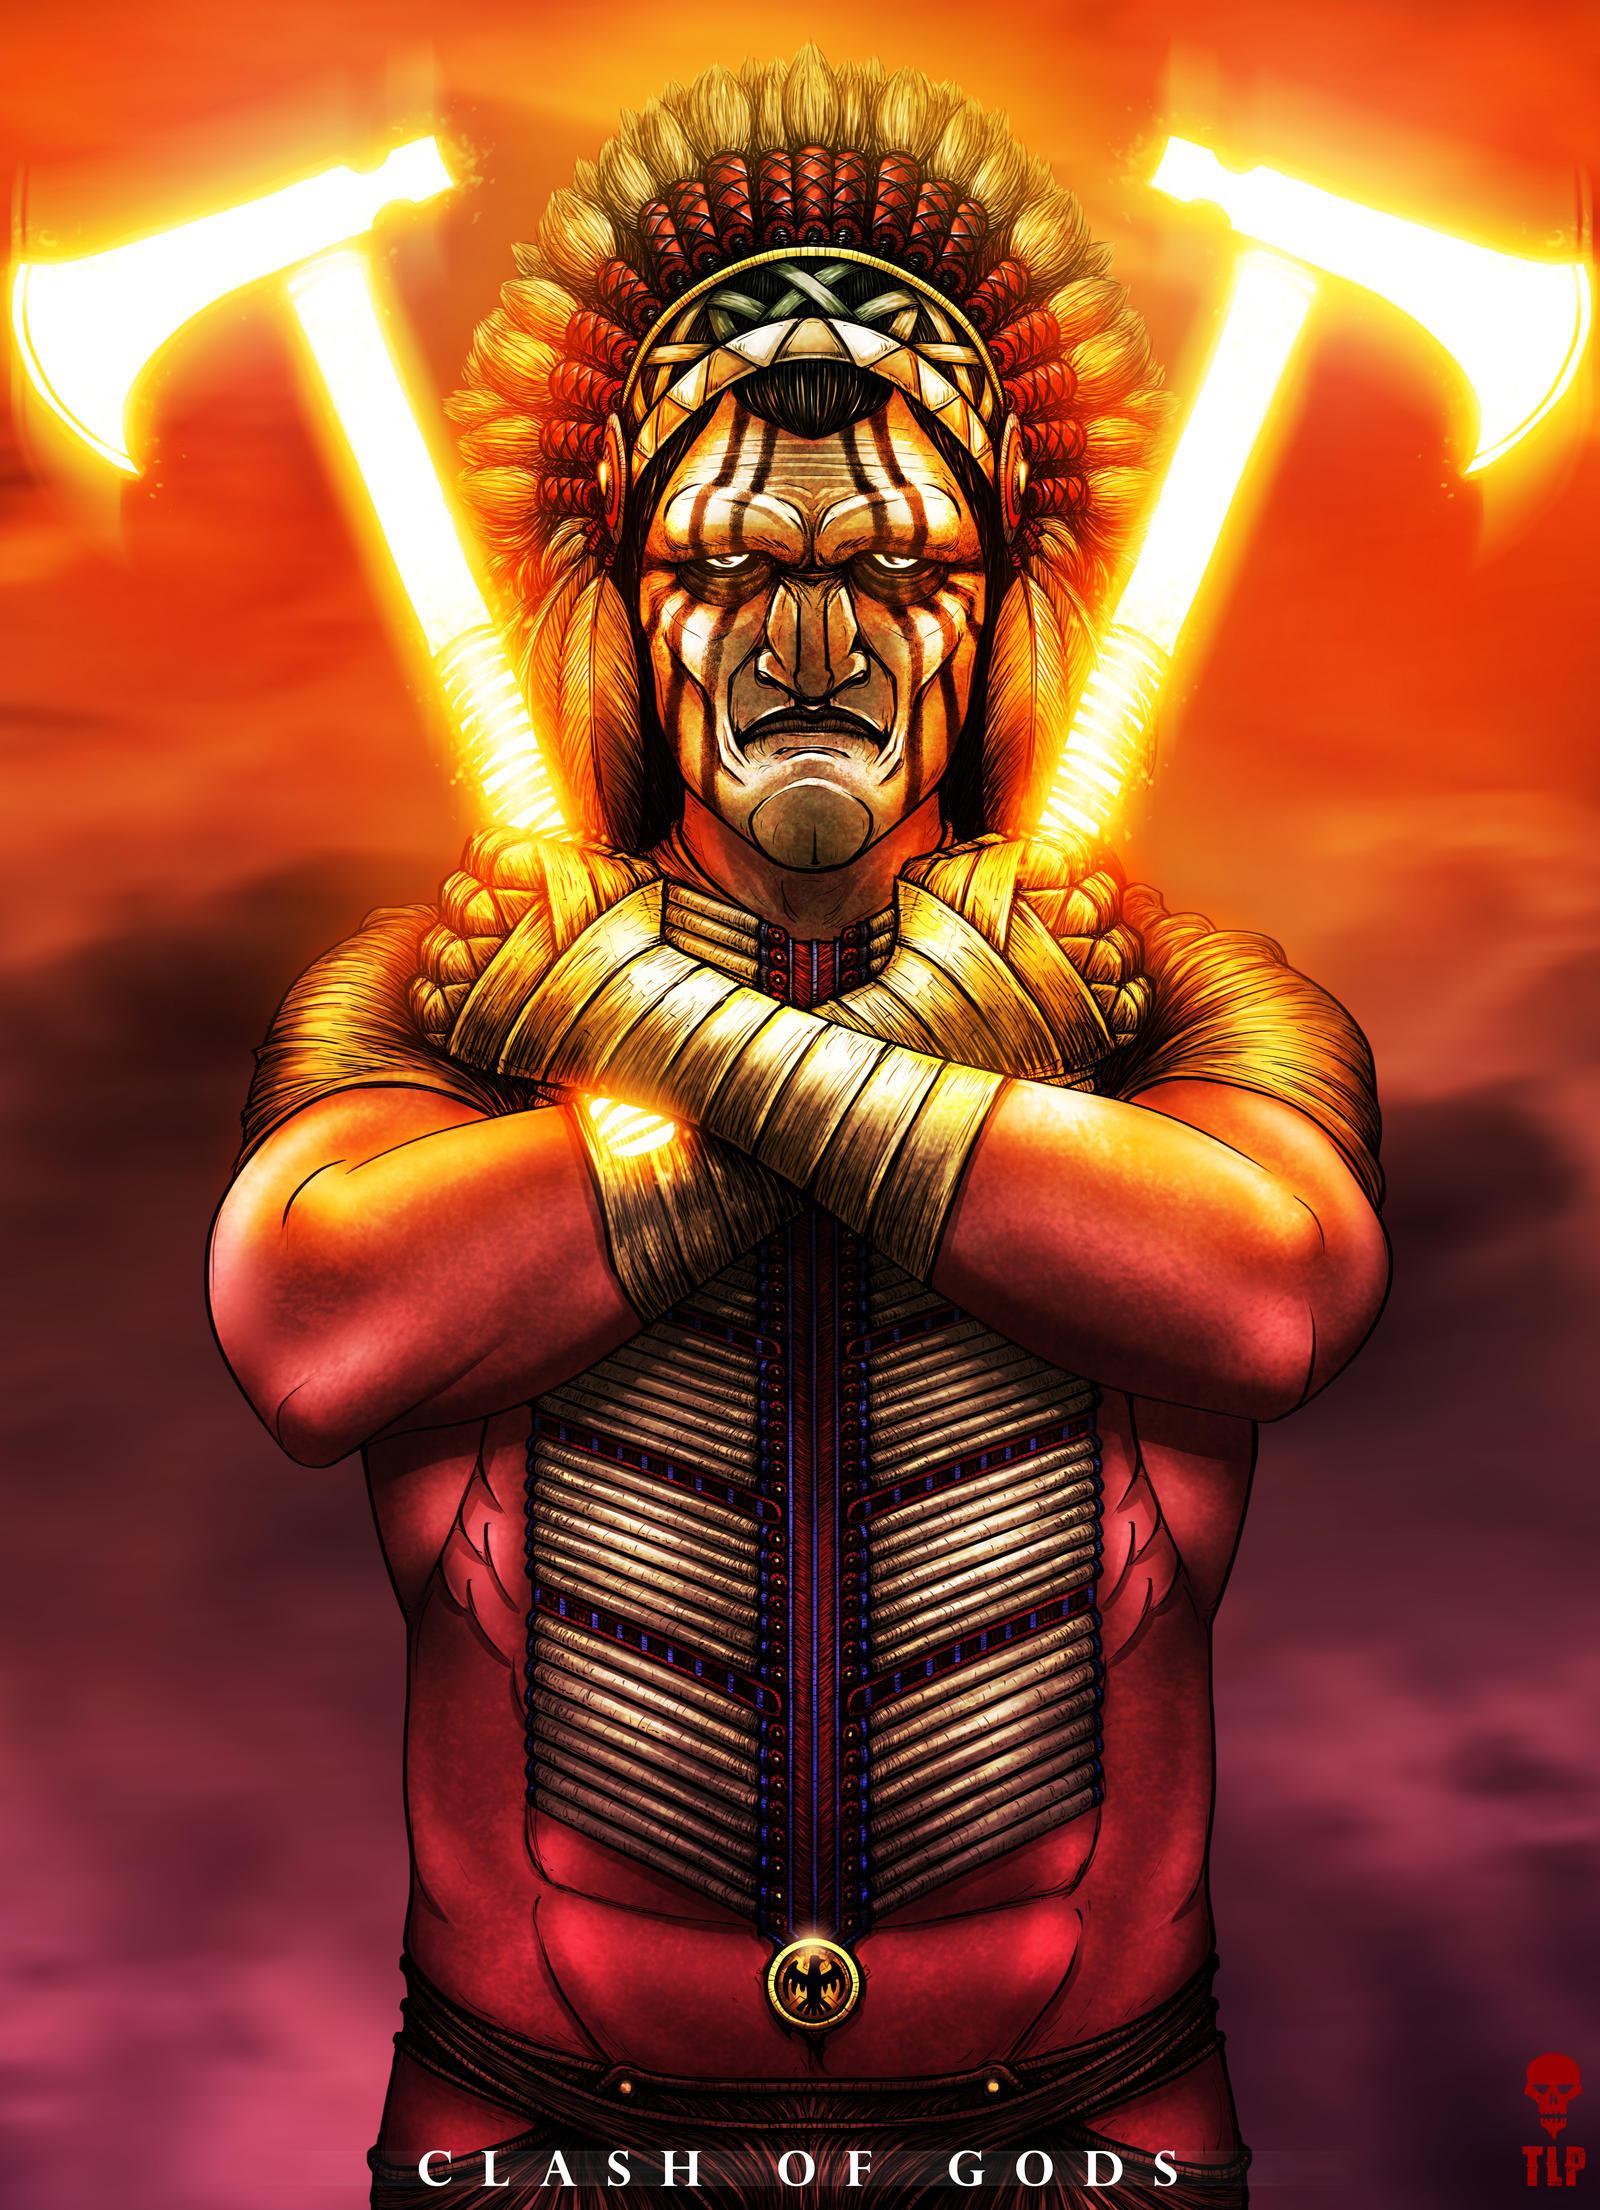 potenza Manitù, il capo del Pantheon Amerindio - by The-Last-Phantom DeviantArt.com © dell'autore